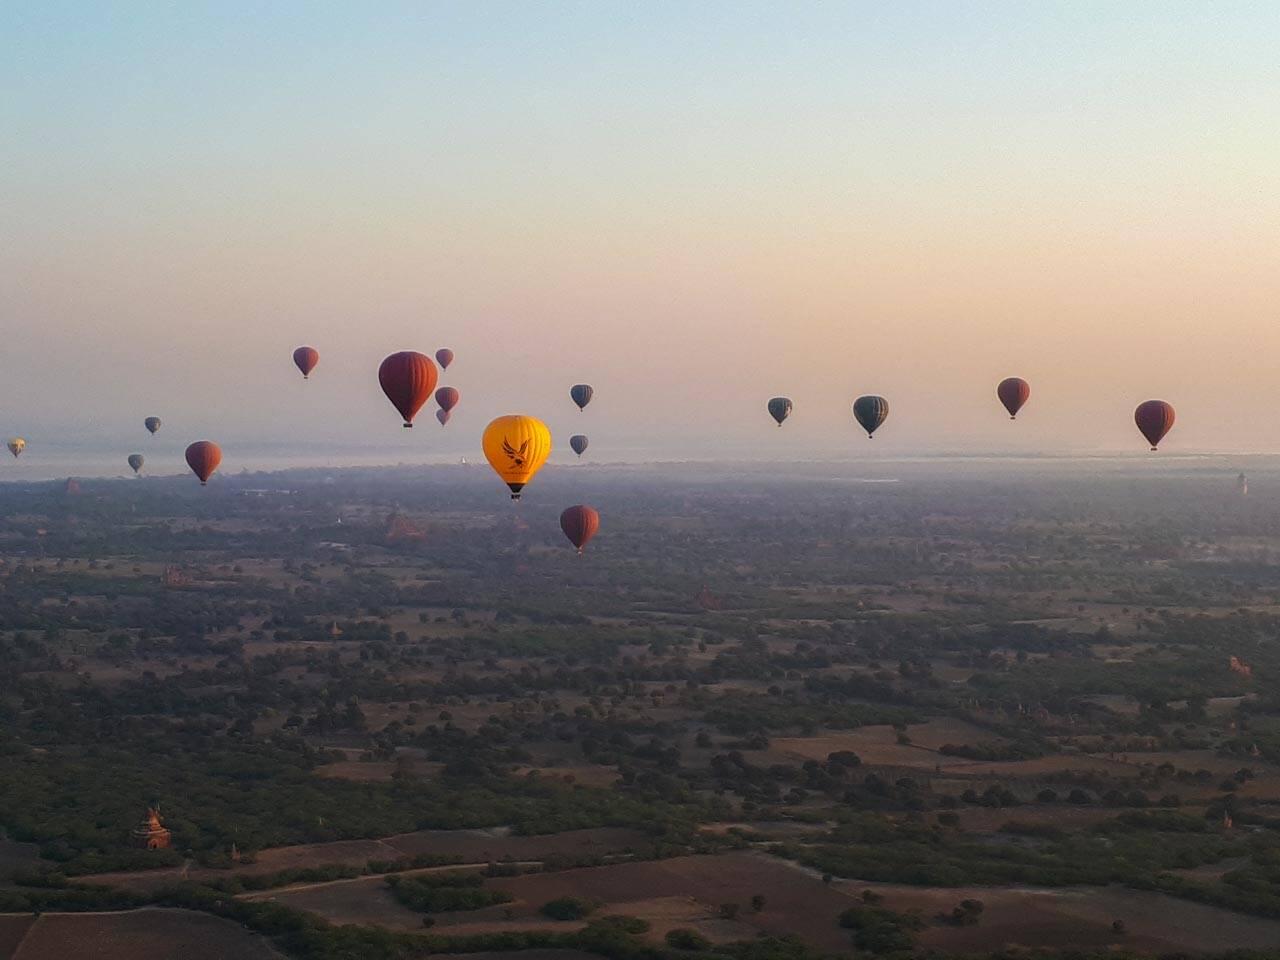 O amanhecer no voo de balão em Bagan.